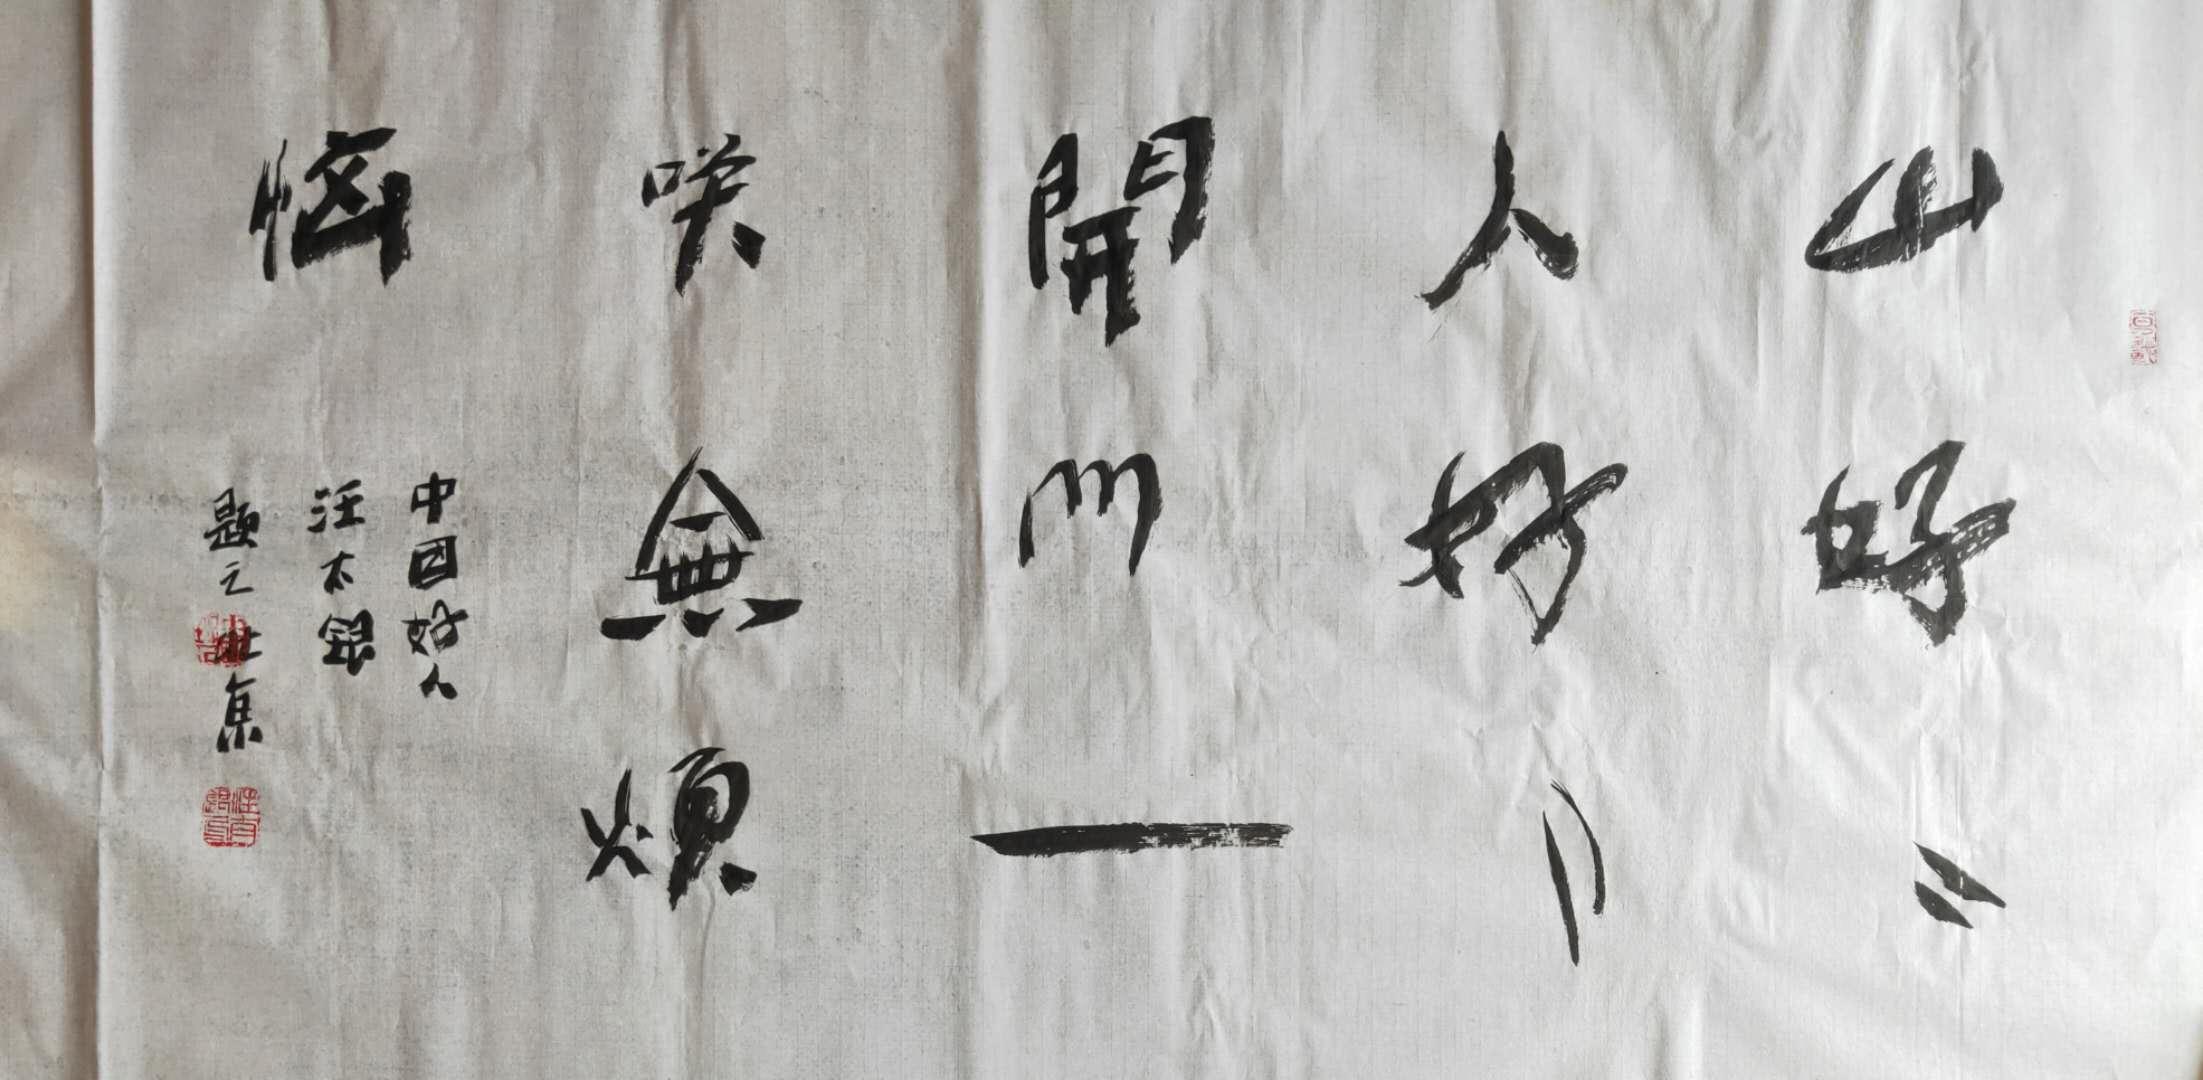 【领军人物】中国书坛一个新时代的好人――汪太银